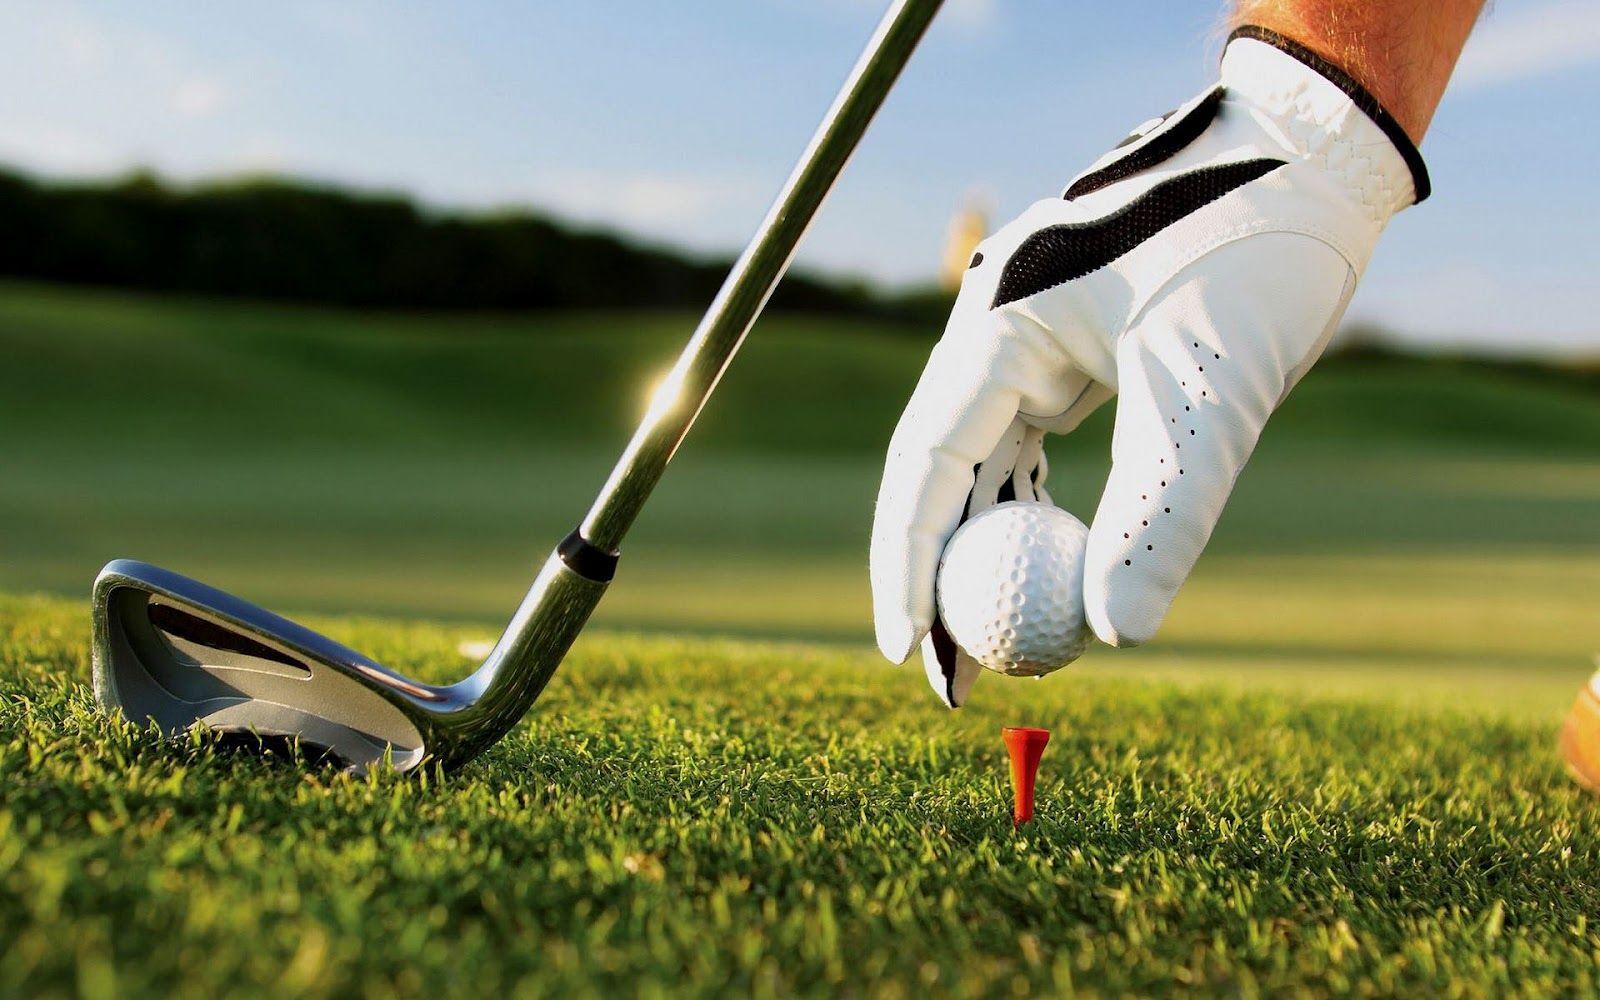 Golfkenttien runsaus ja laadukas taso, sekä pitkän golfkauden takaava miellyttävä sää tekevät Mallorcasta unelmien golfkohteen. Sinun ei myöskään tarvitse tyytyä matkallasi vain yhteen kenttään, sillä  lyhyiden välimatkojen ansiosta voit yhdistellä useita kenttiä lomasi aikana! www.pabisahotellit.fi